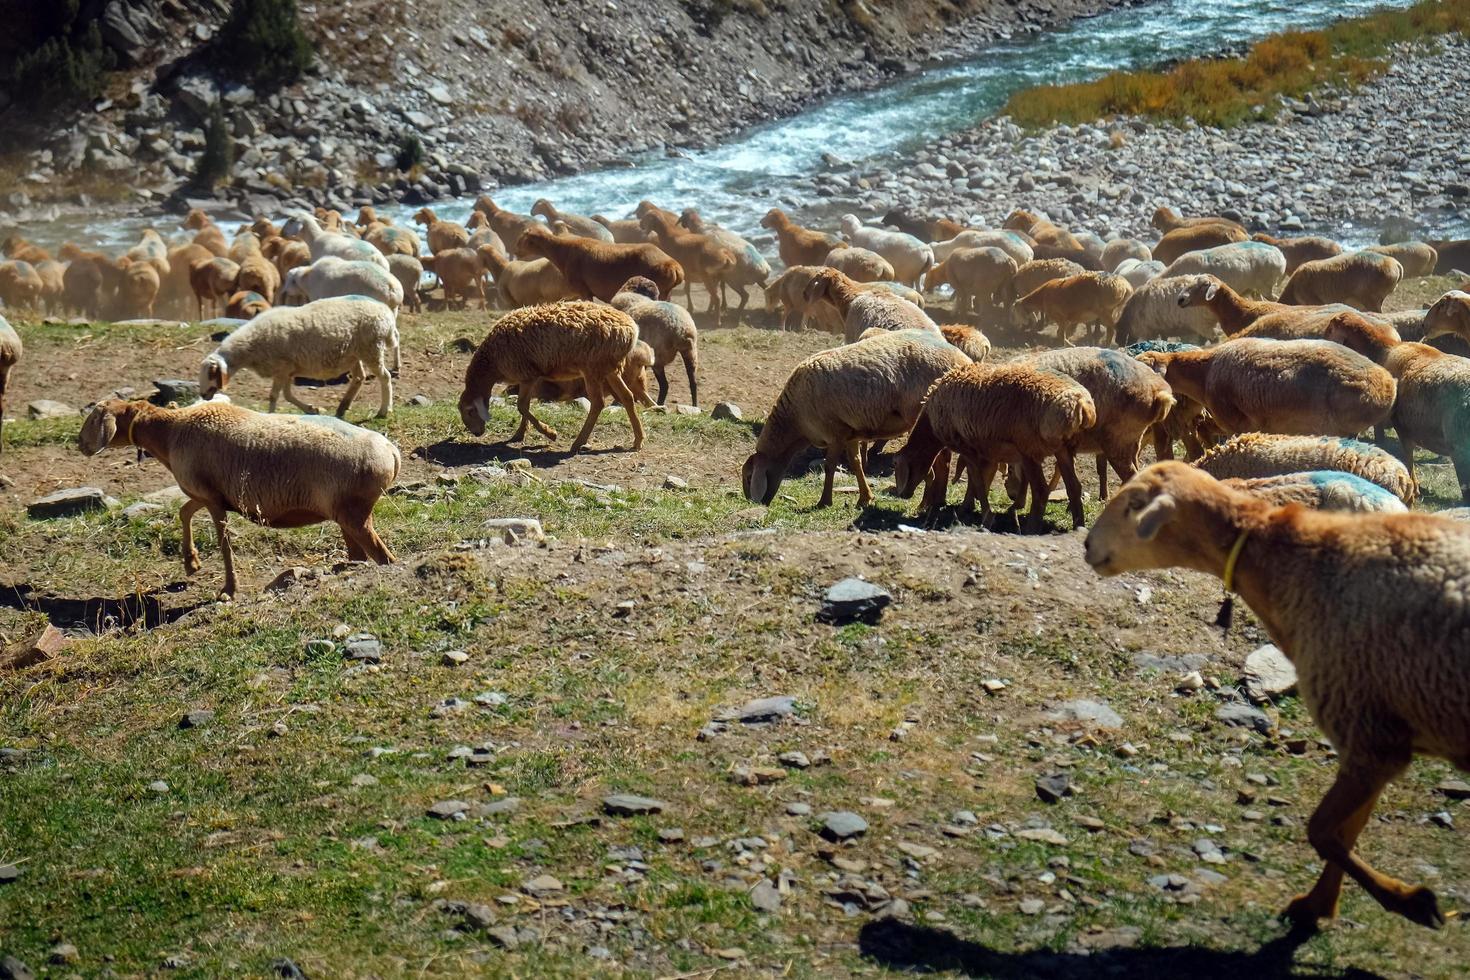 troupeau de moutons locaux paissant près de la rivière photo